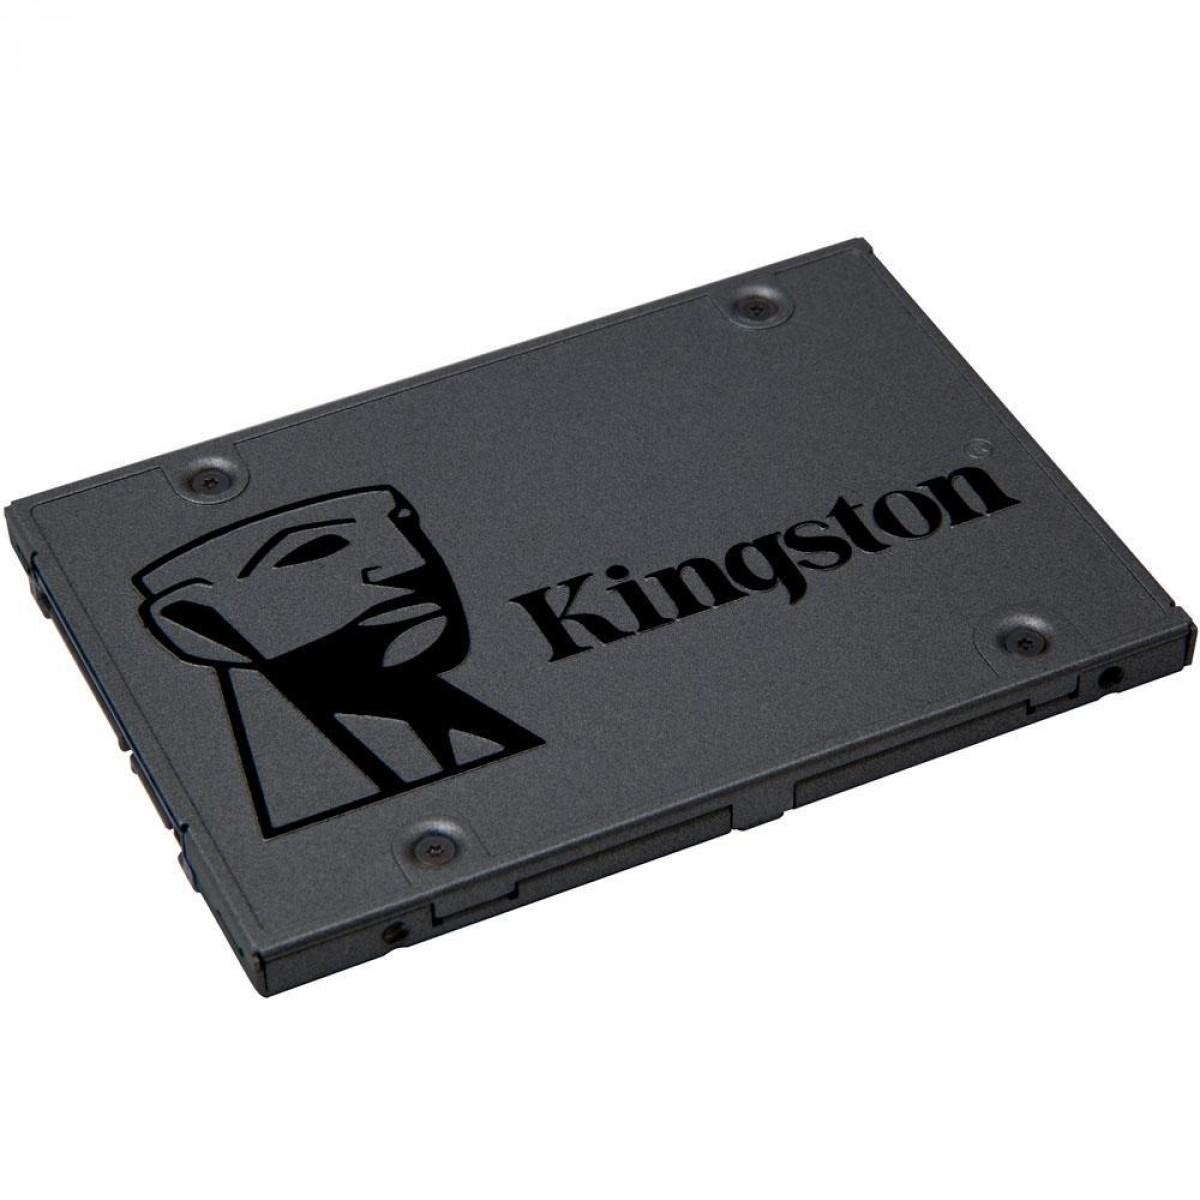 SSD Kingston A400, 1920GB, Sata III, Leitura 500MBs e Gravação 450MBs, SA400S37/1920G